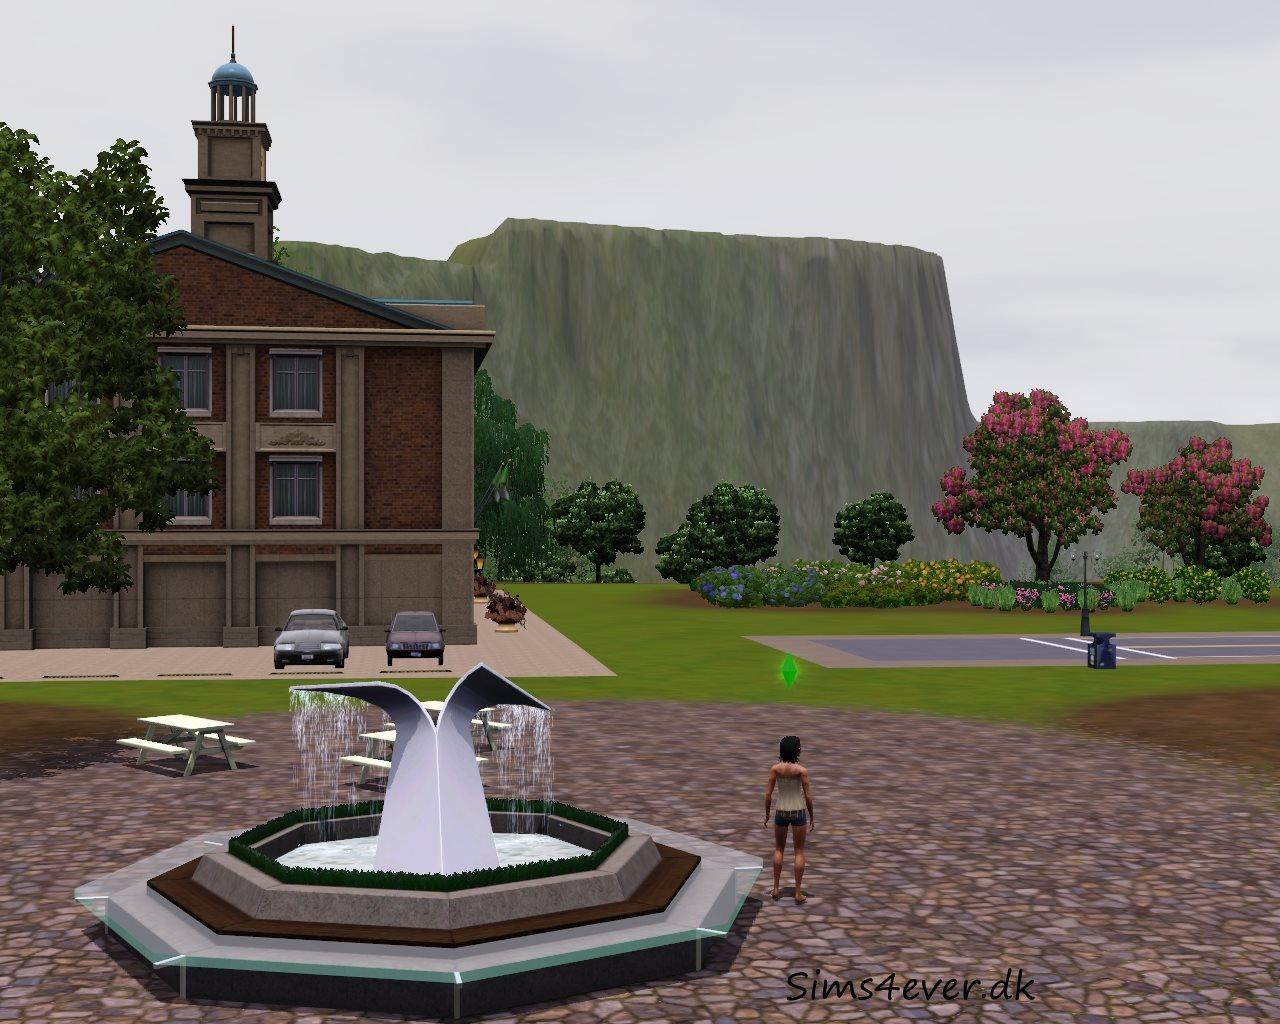 Rådhus bakken